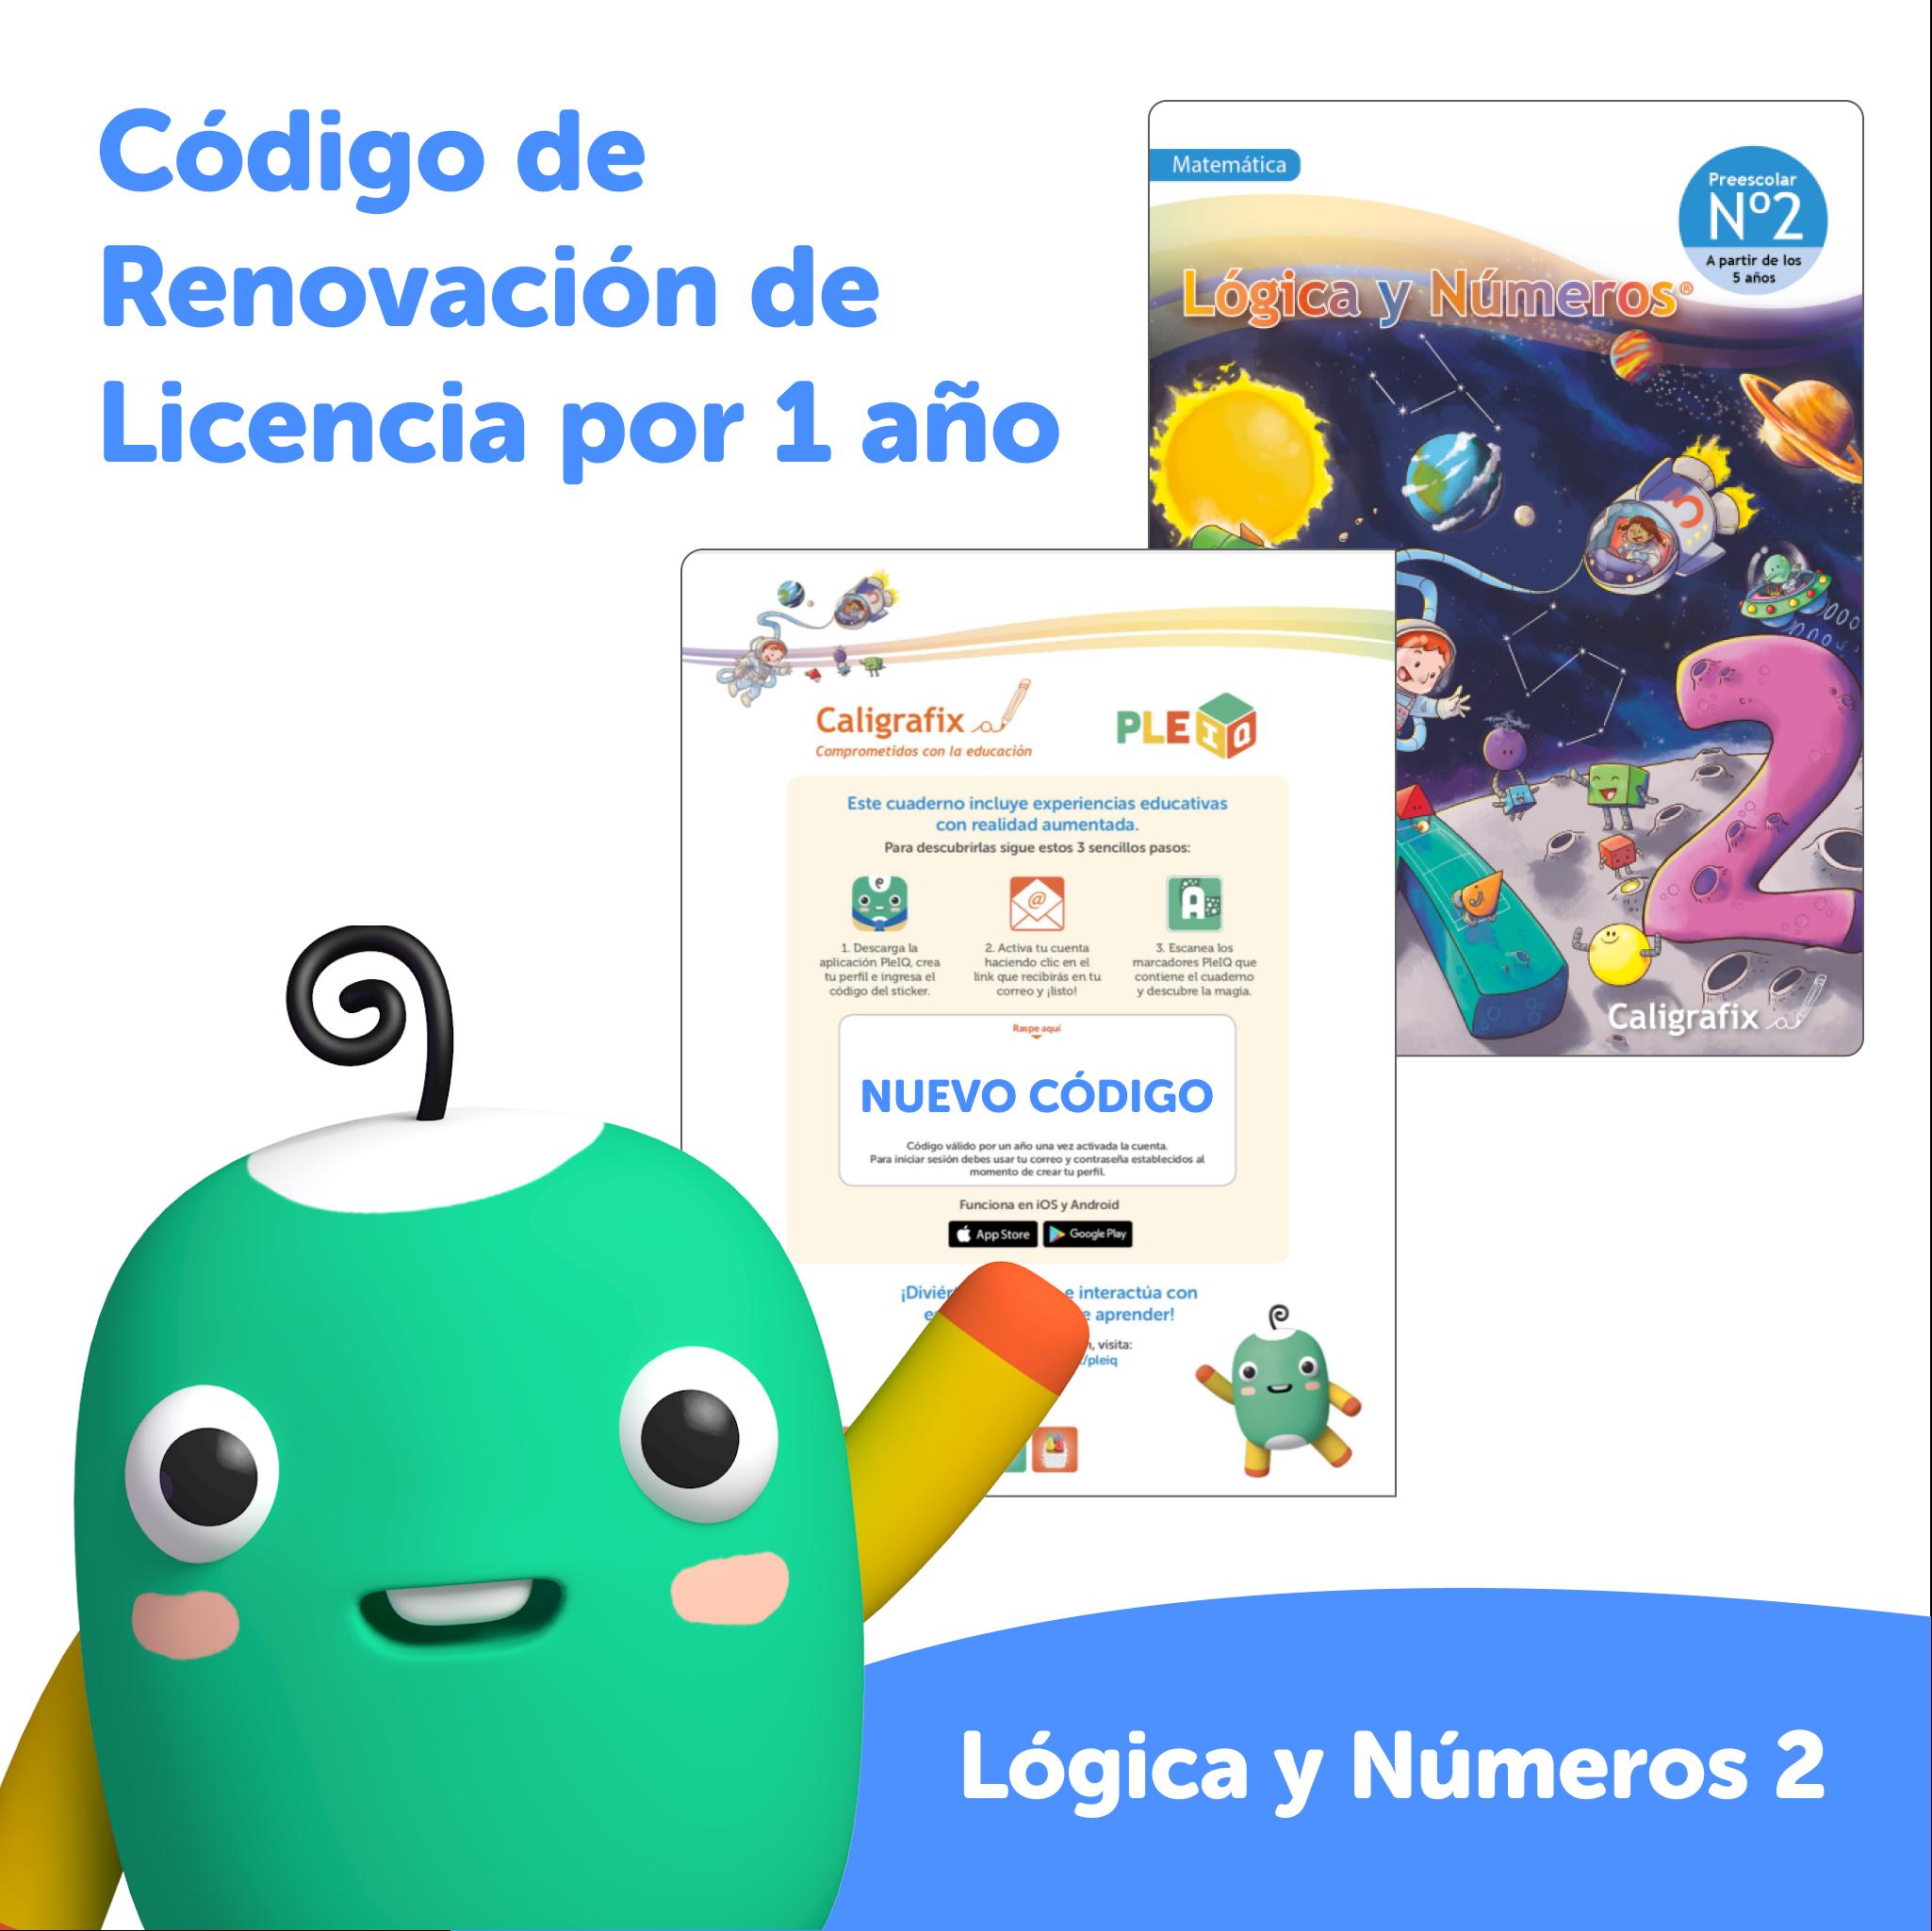 Código de renovación - Licencia Lógica y Números 2